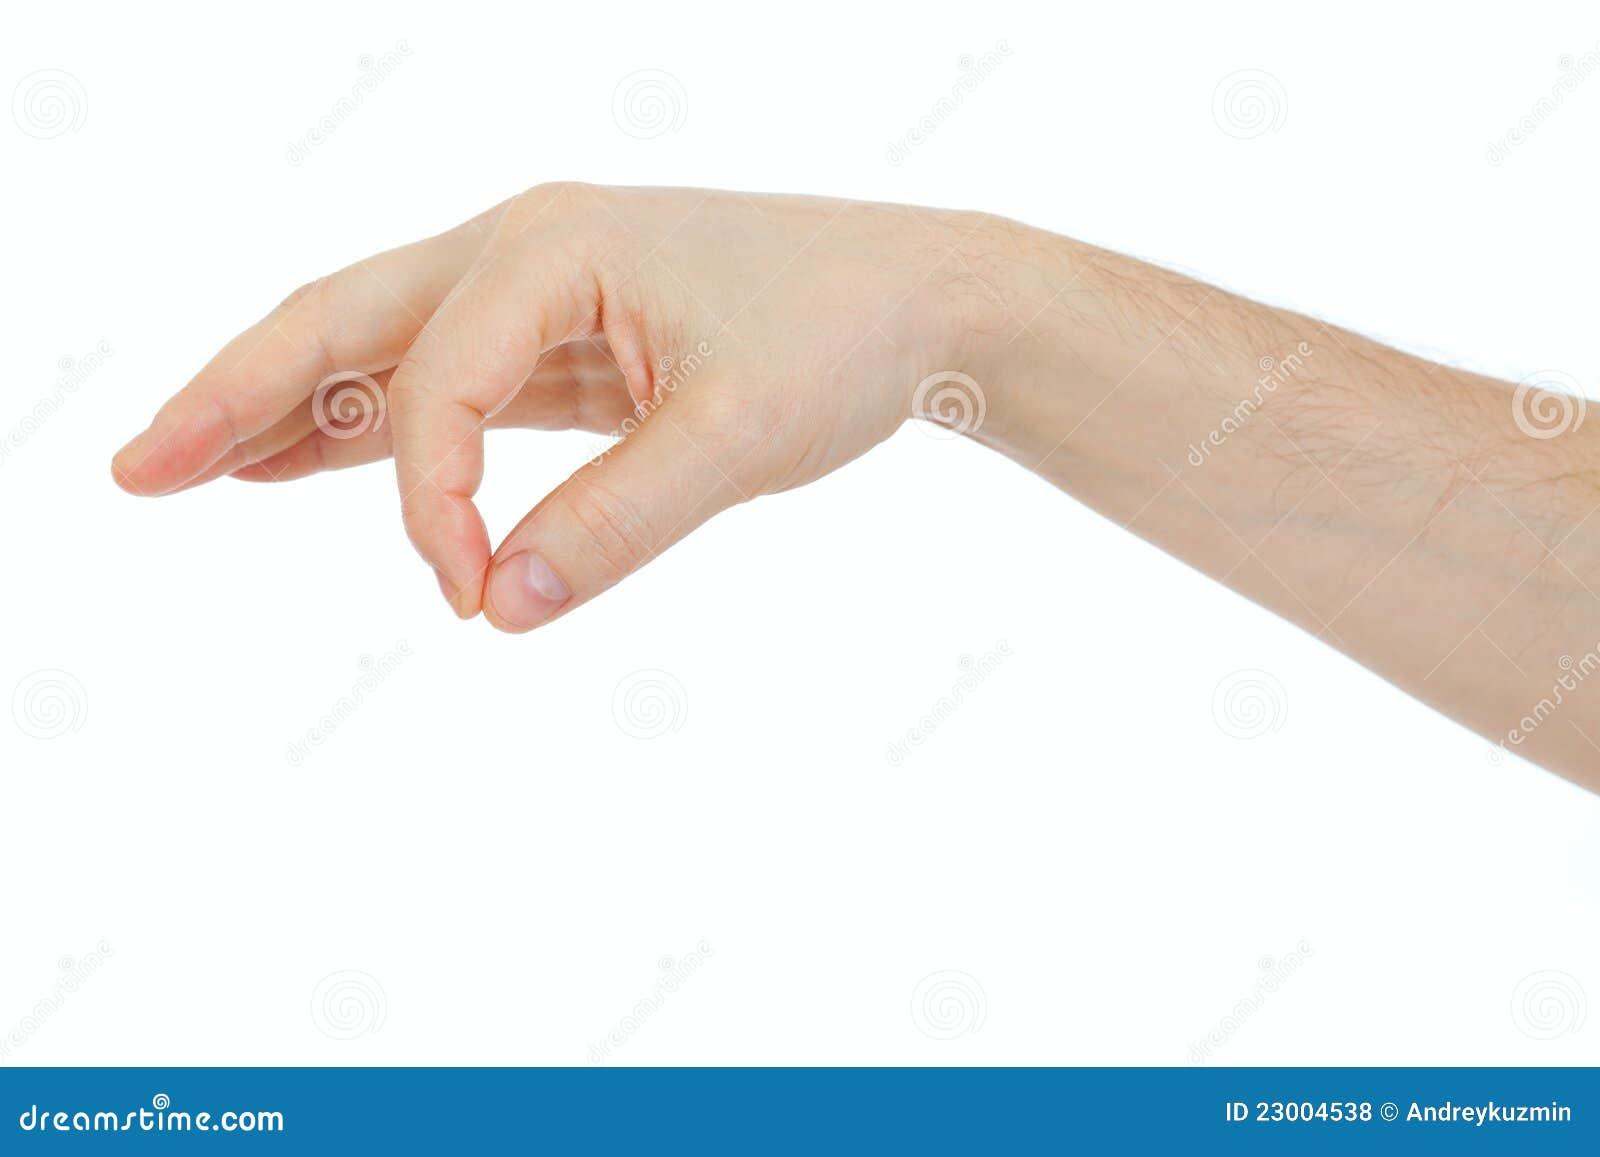 αρσενικό αντικείμενο εκμετάλλευσης χεριών κάποιος λεπτός